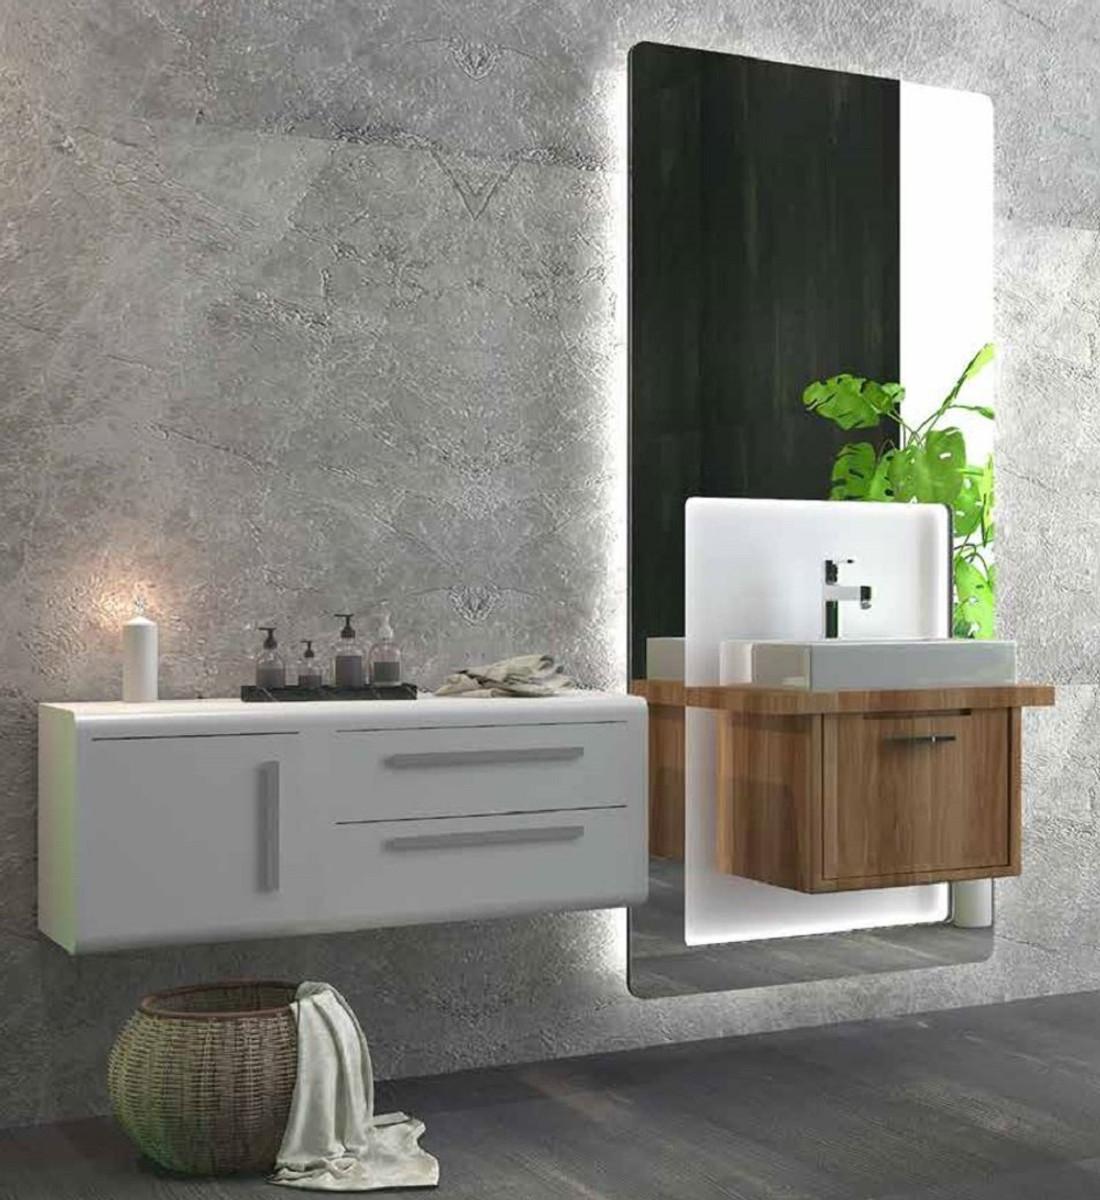 Casa Padrino Luxus Badezimmer Set Braun / Weiß - 1 Waschtisch und 1  Waschbecken und 1 LED Wandspiegel und 1 Hängeschrank - Luxus Badezimmermöbel